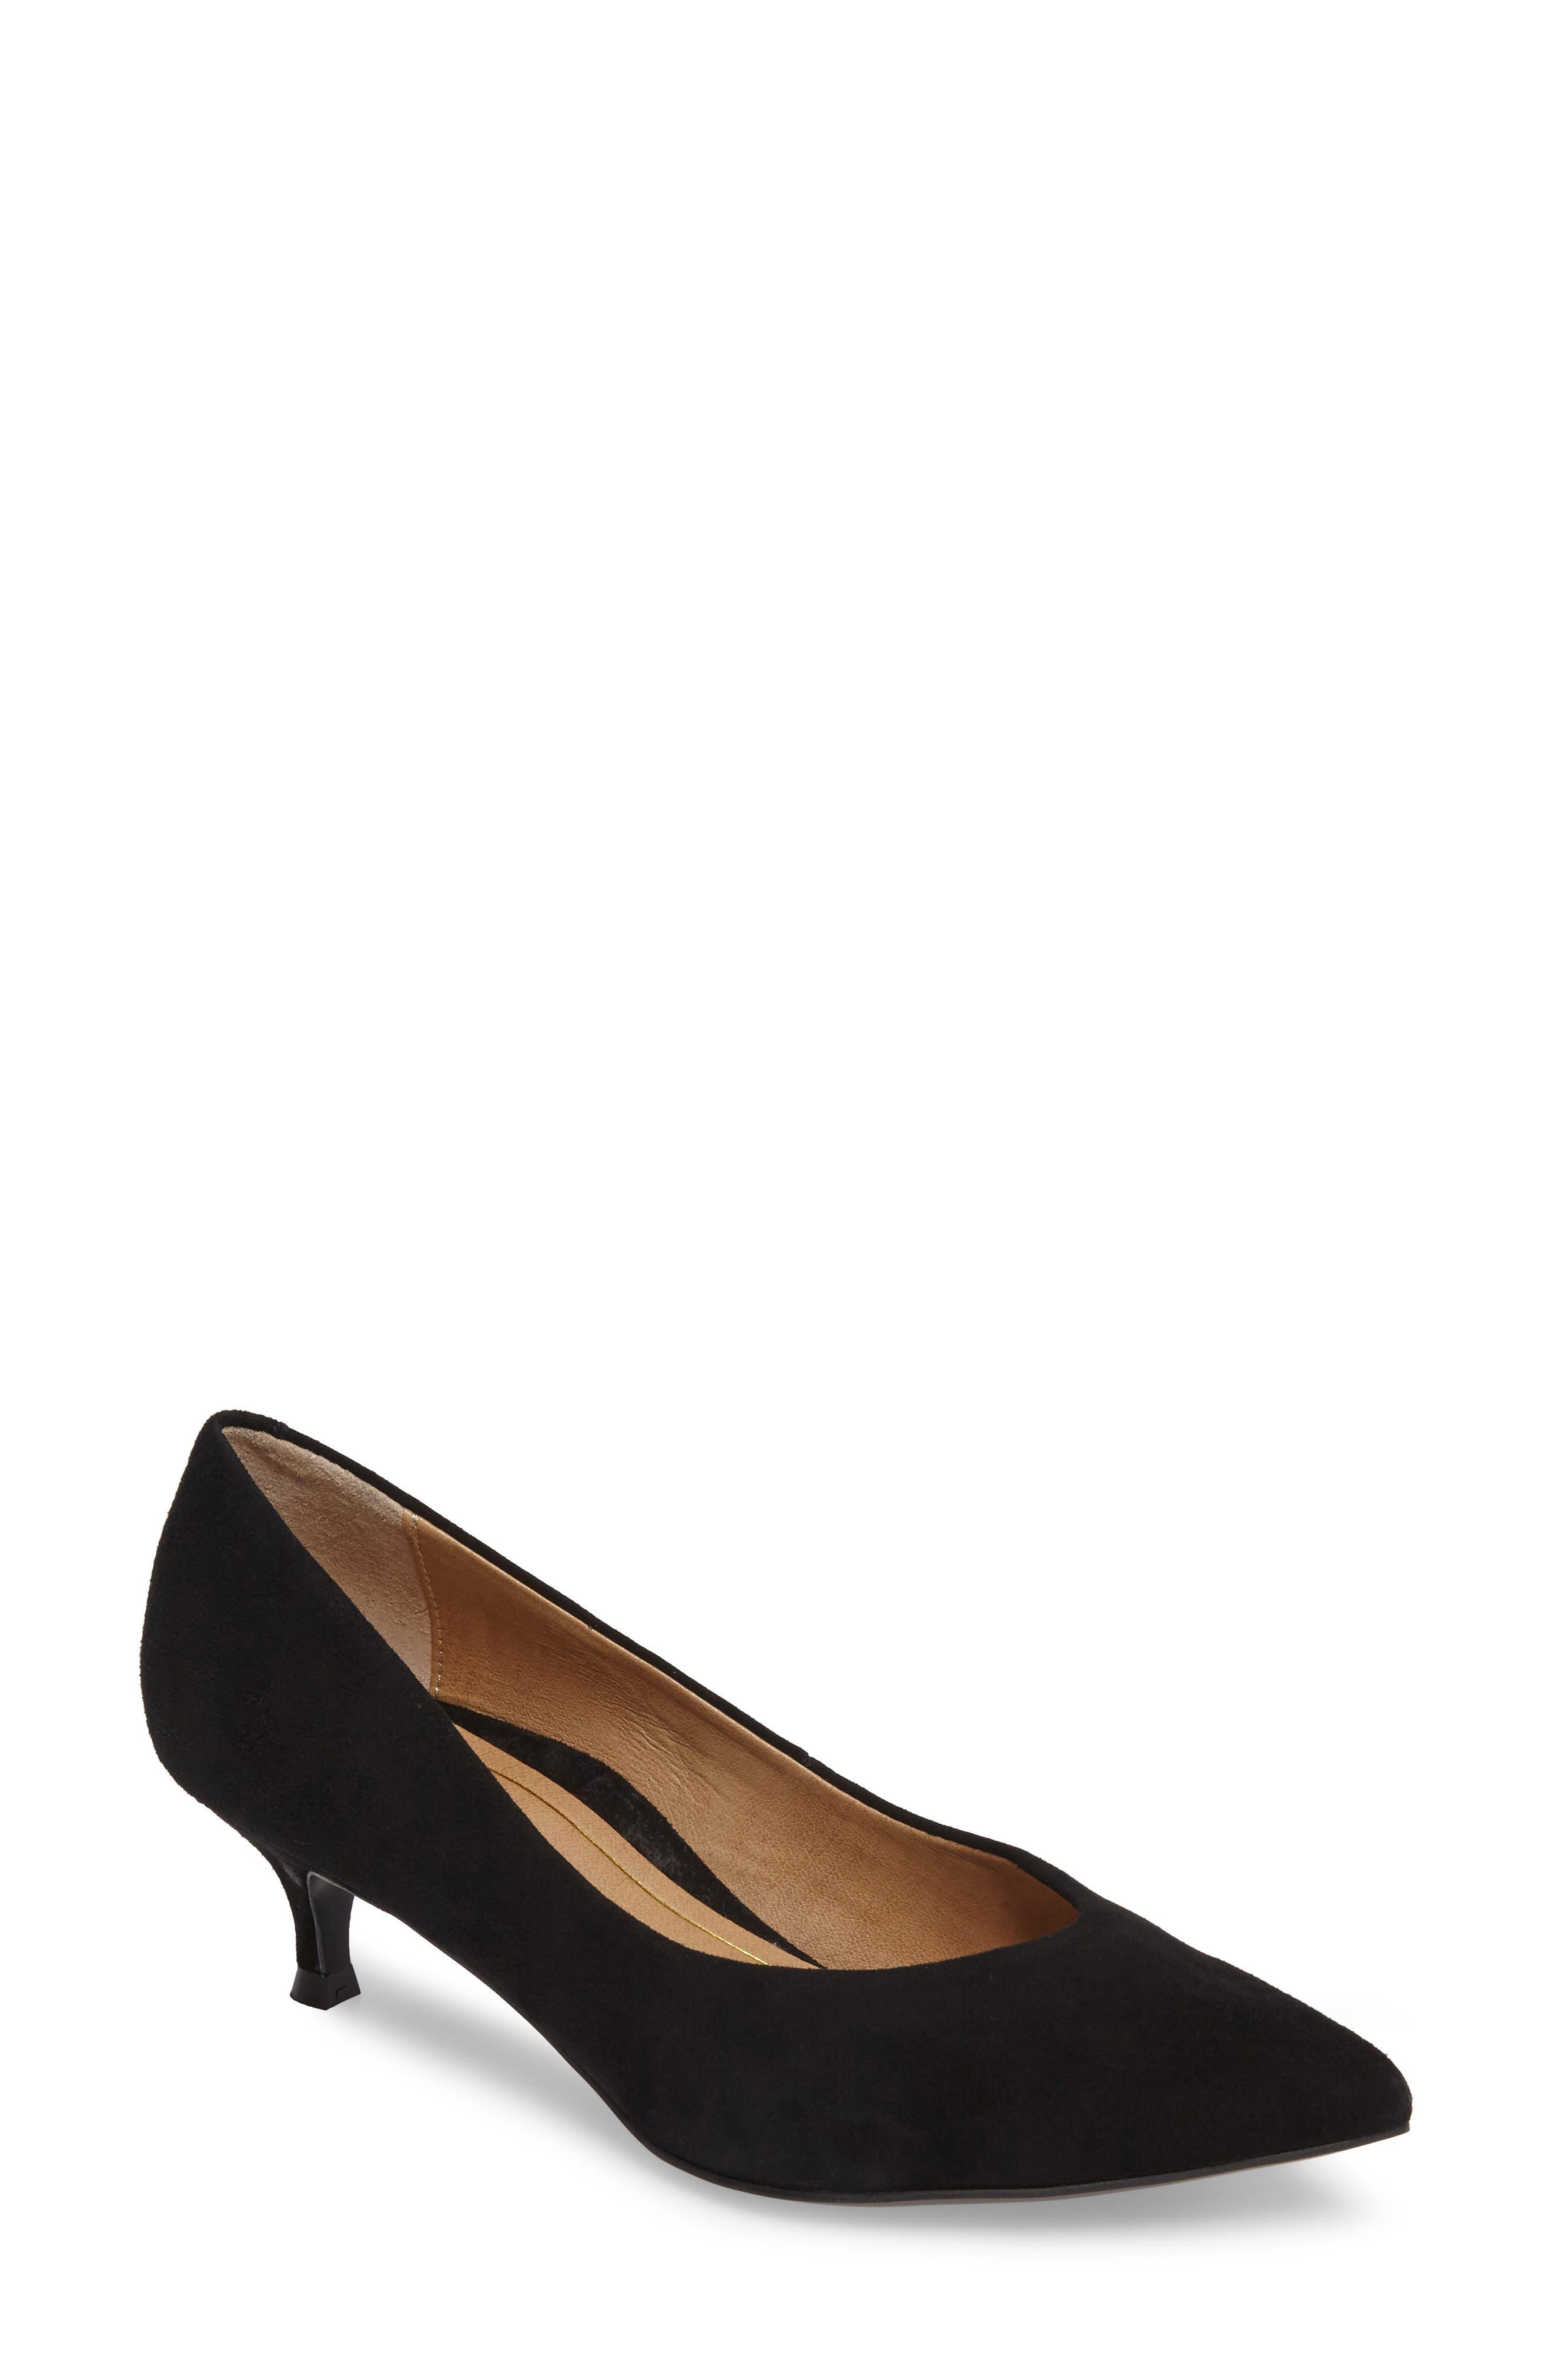 Josie Kitten Heel Pump,                         Main,                         color, Black Suede